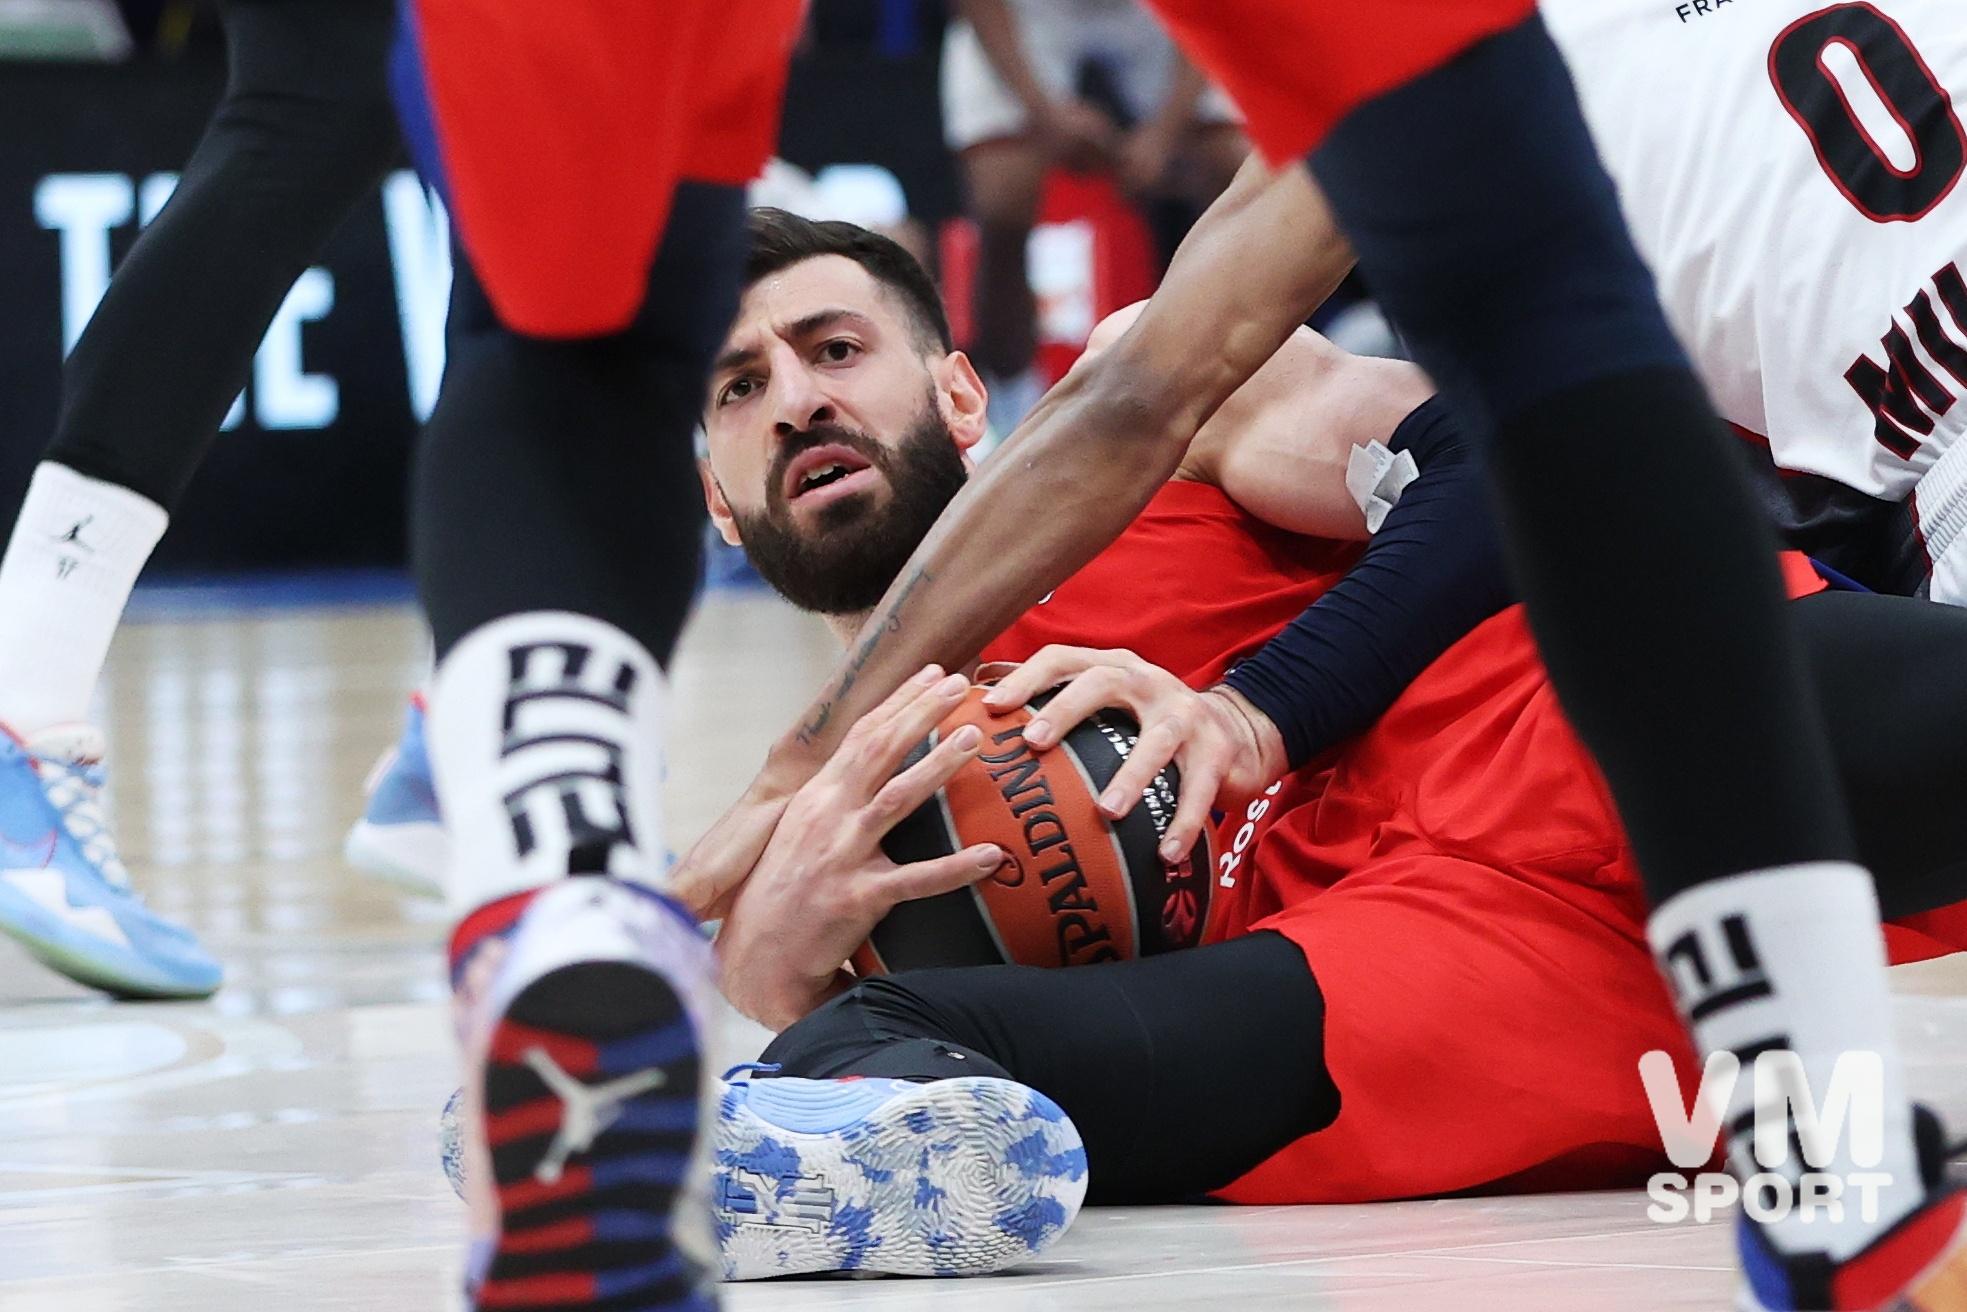 ПБК ЦСКА-БК Олимпия Милан. Торнике Шенгелия